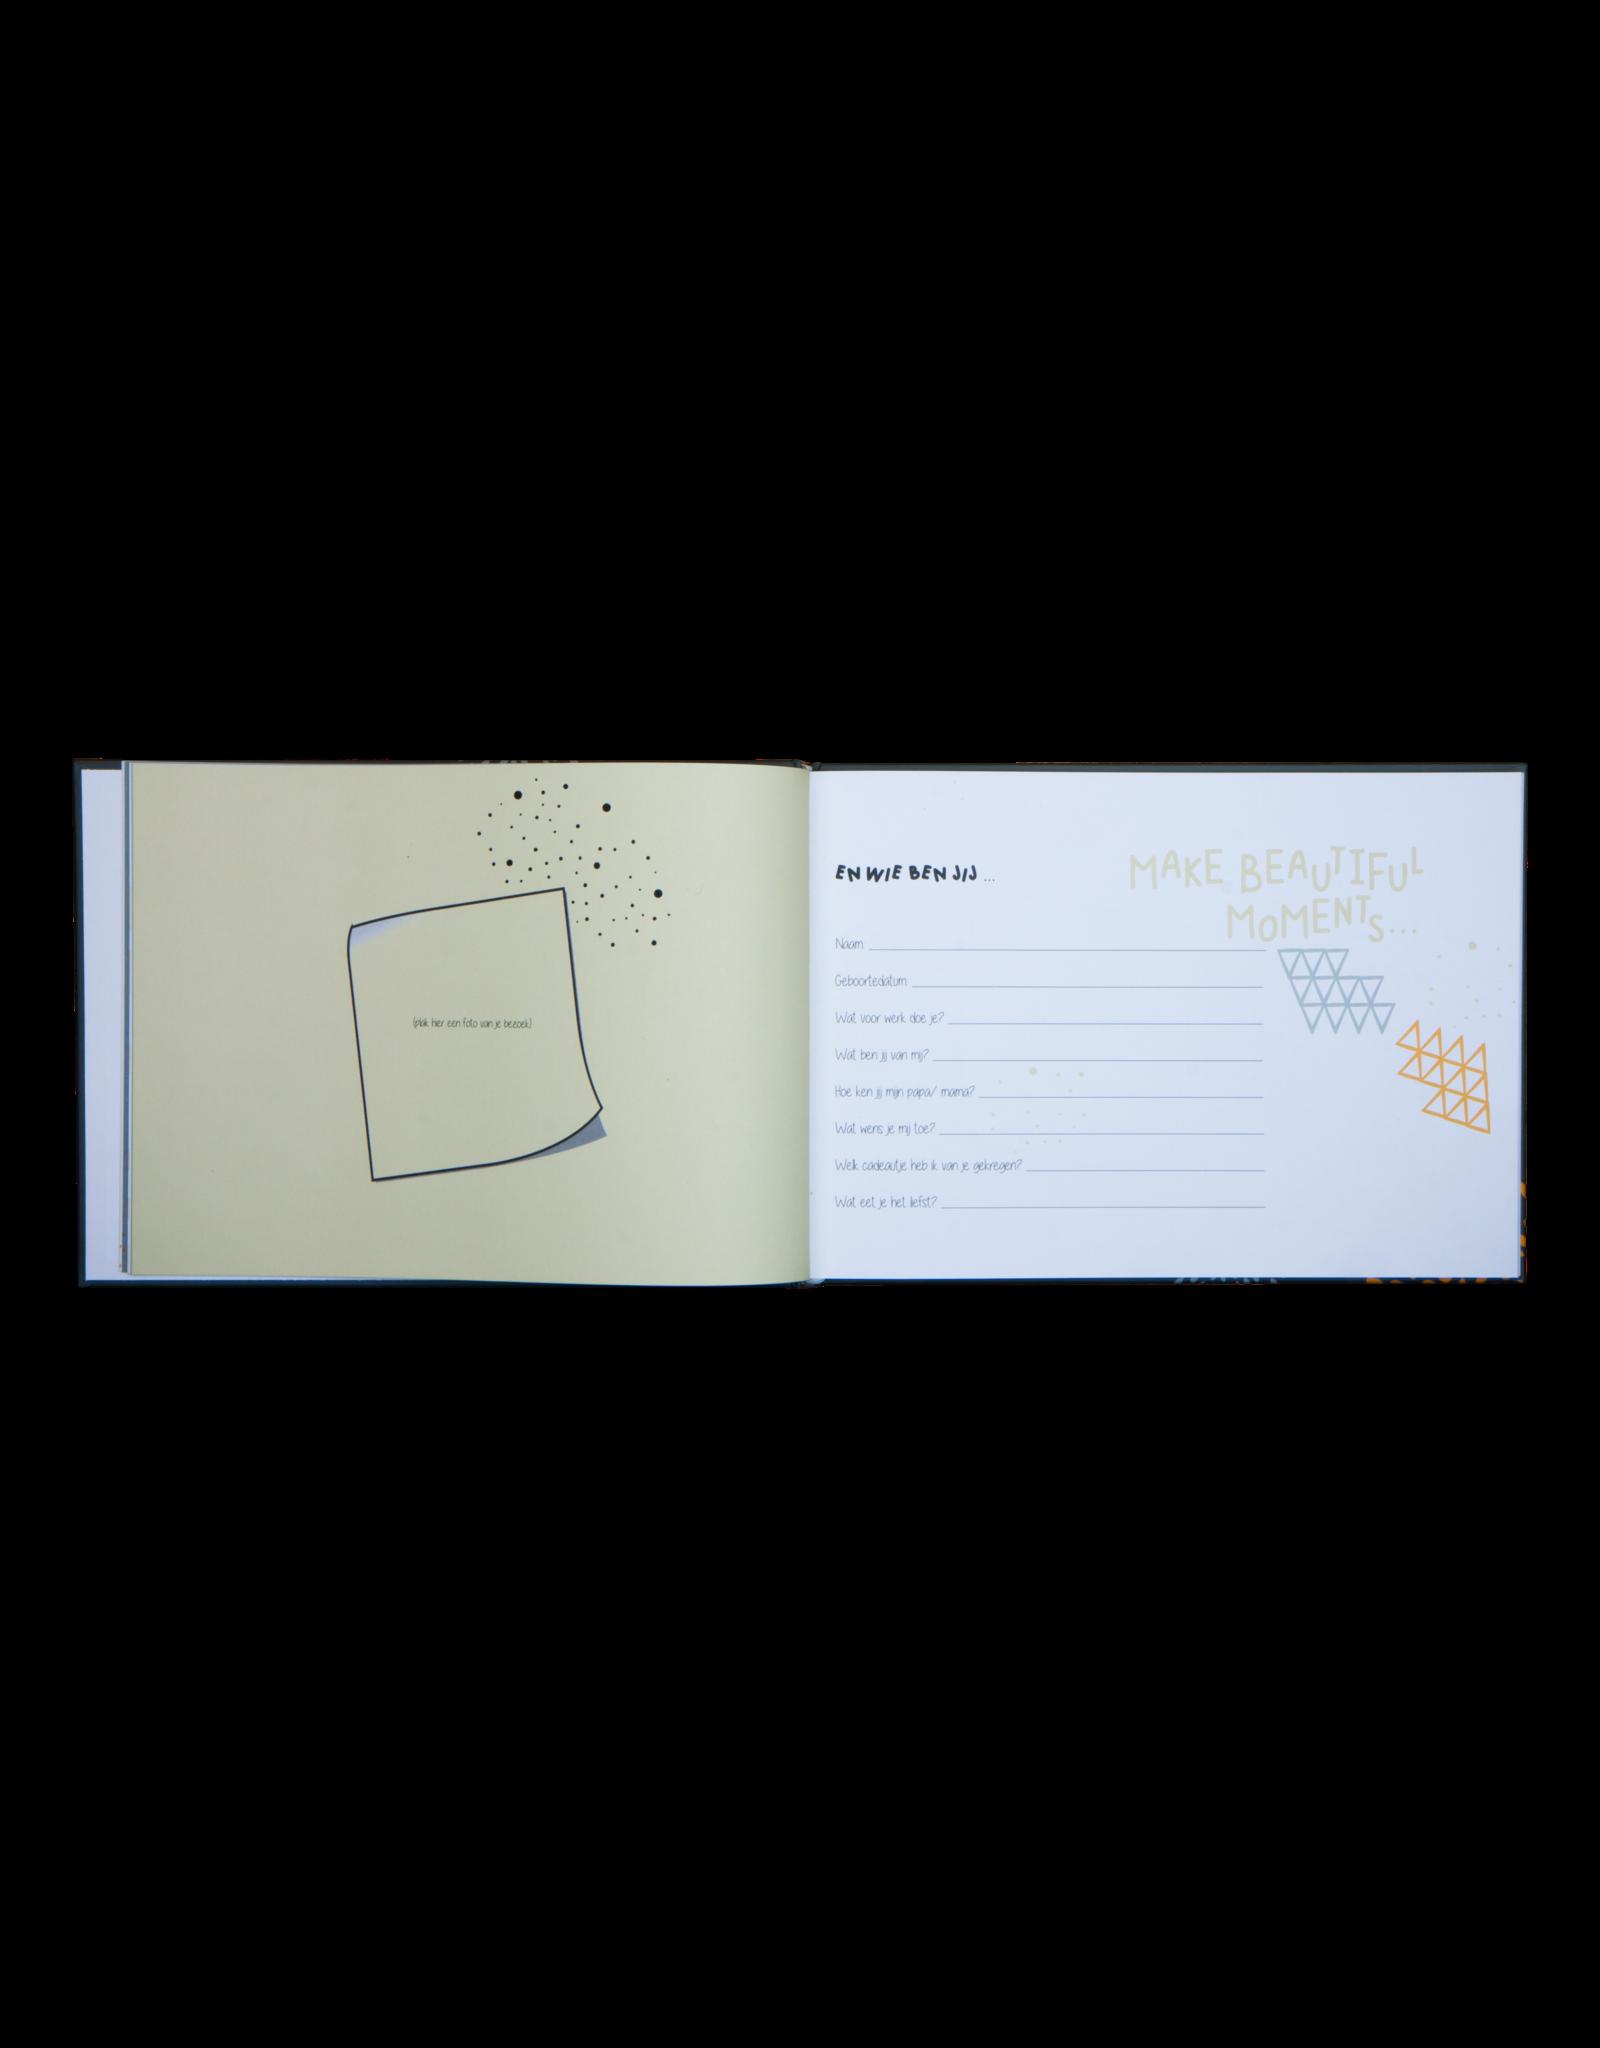 Jep-agenturen Kraambezoekboek